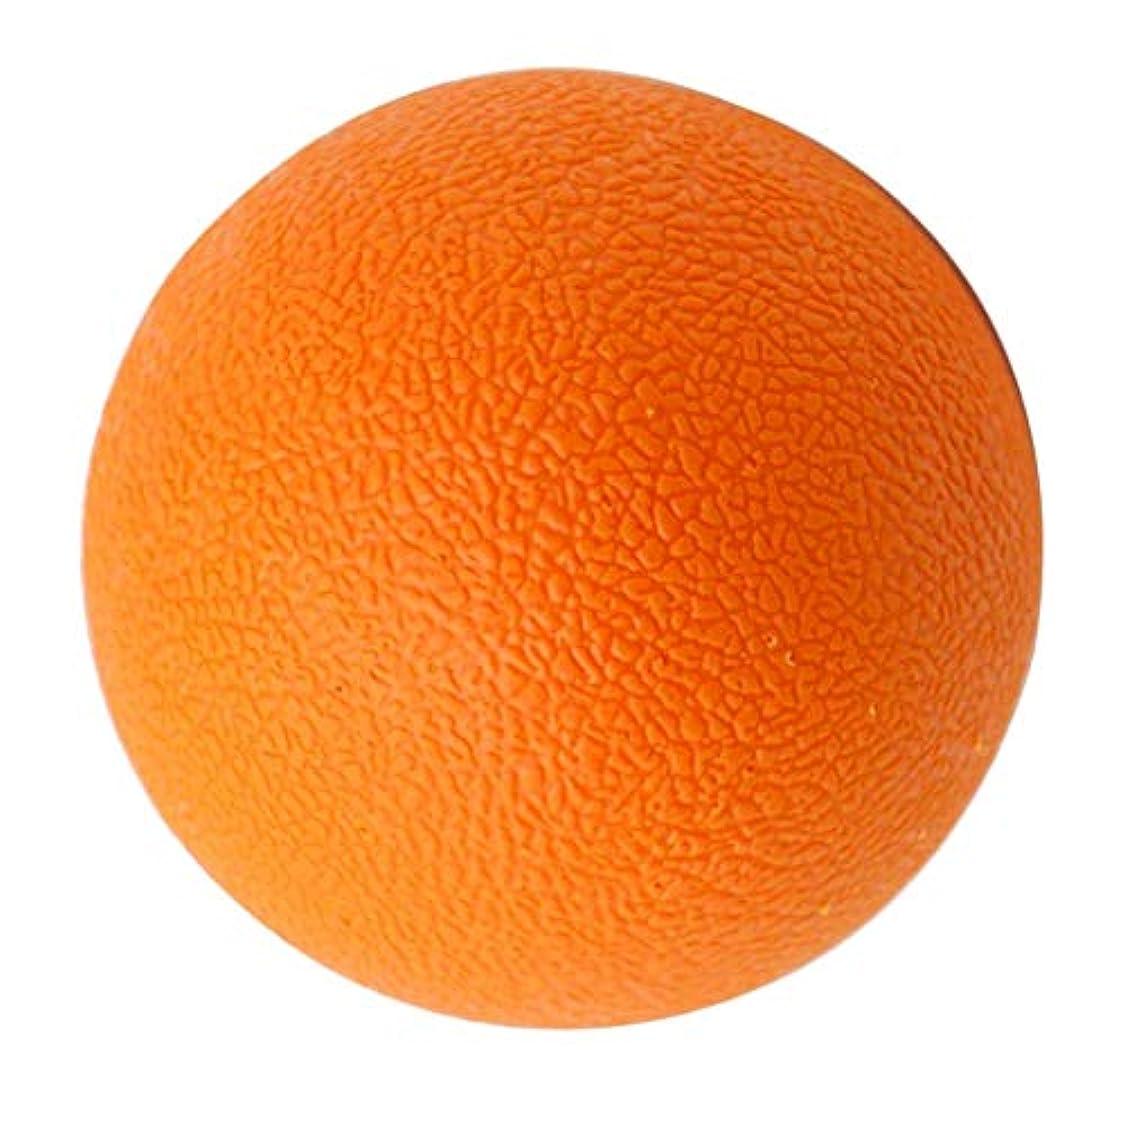 ヒント妻フィードオンラクロスボール マッサージボール トリガーポイント 筋膜リリース 腕、首、背中 解消 オレンジ